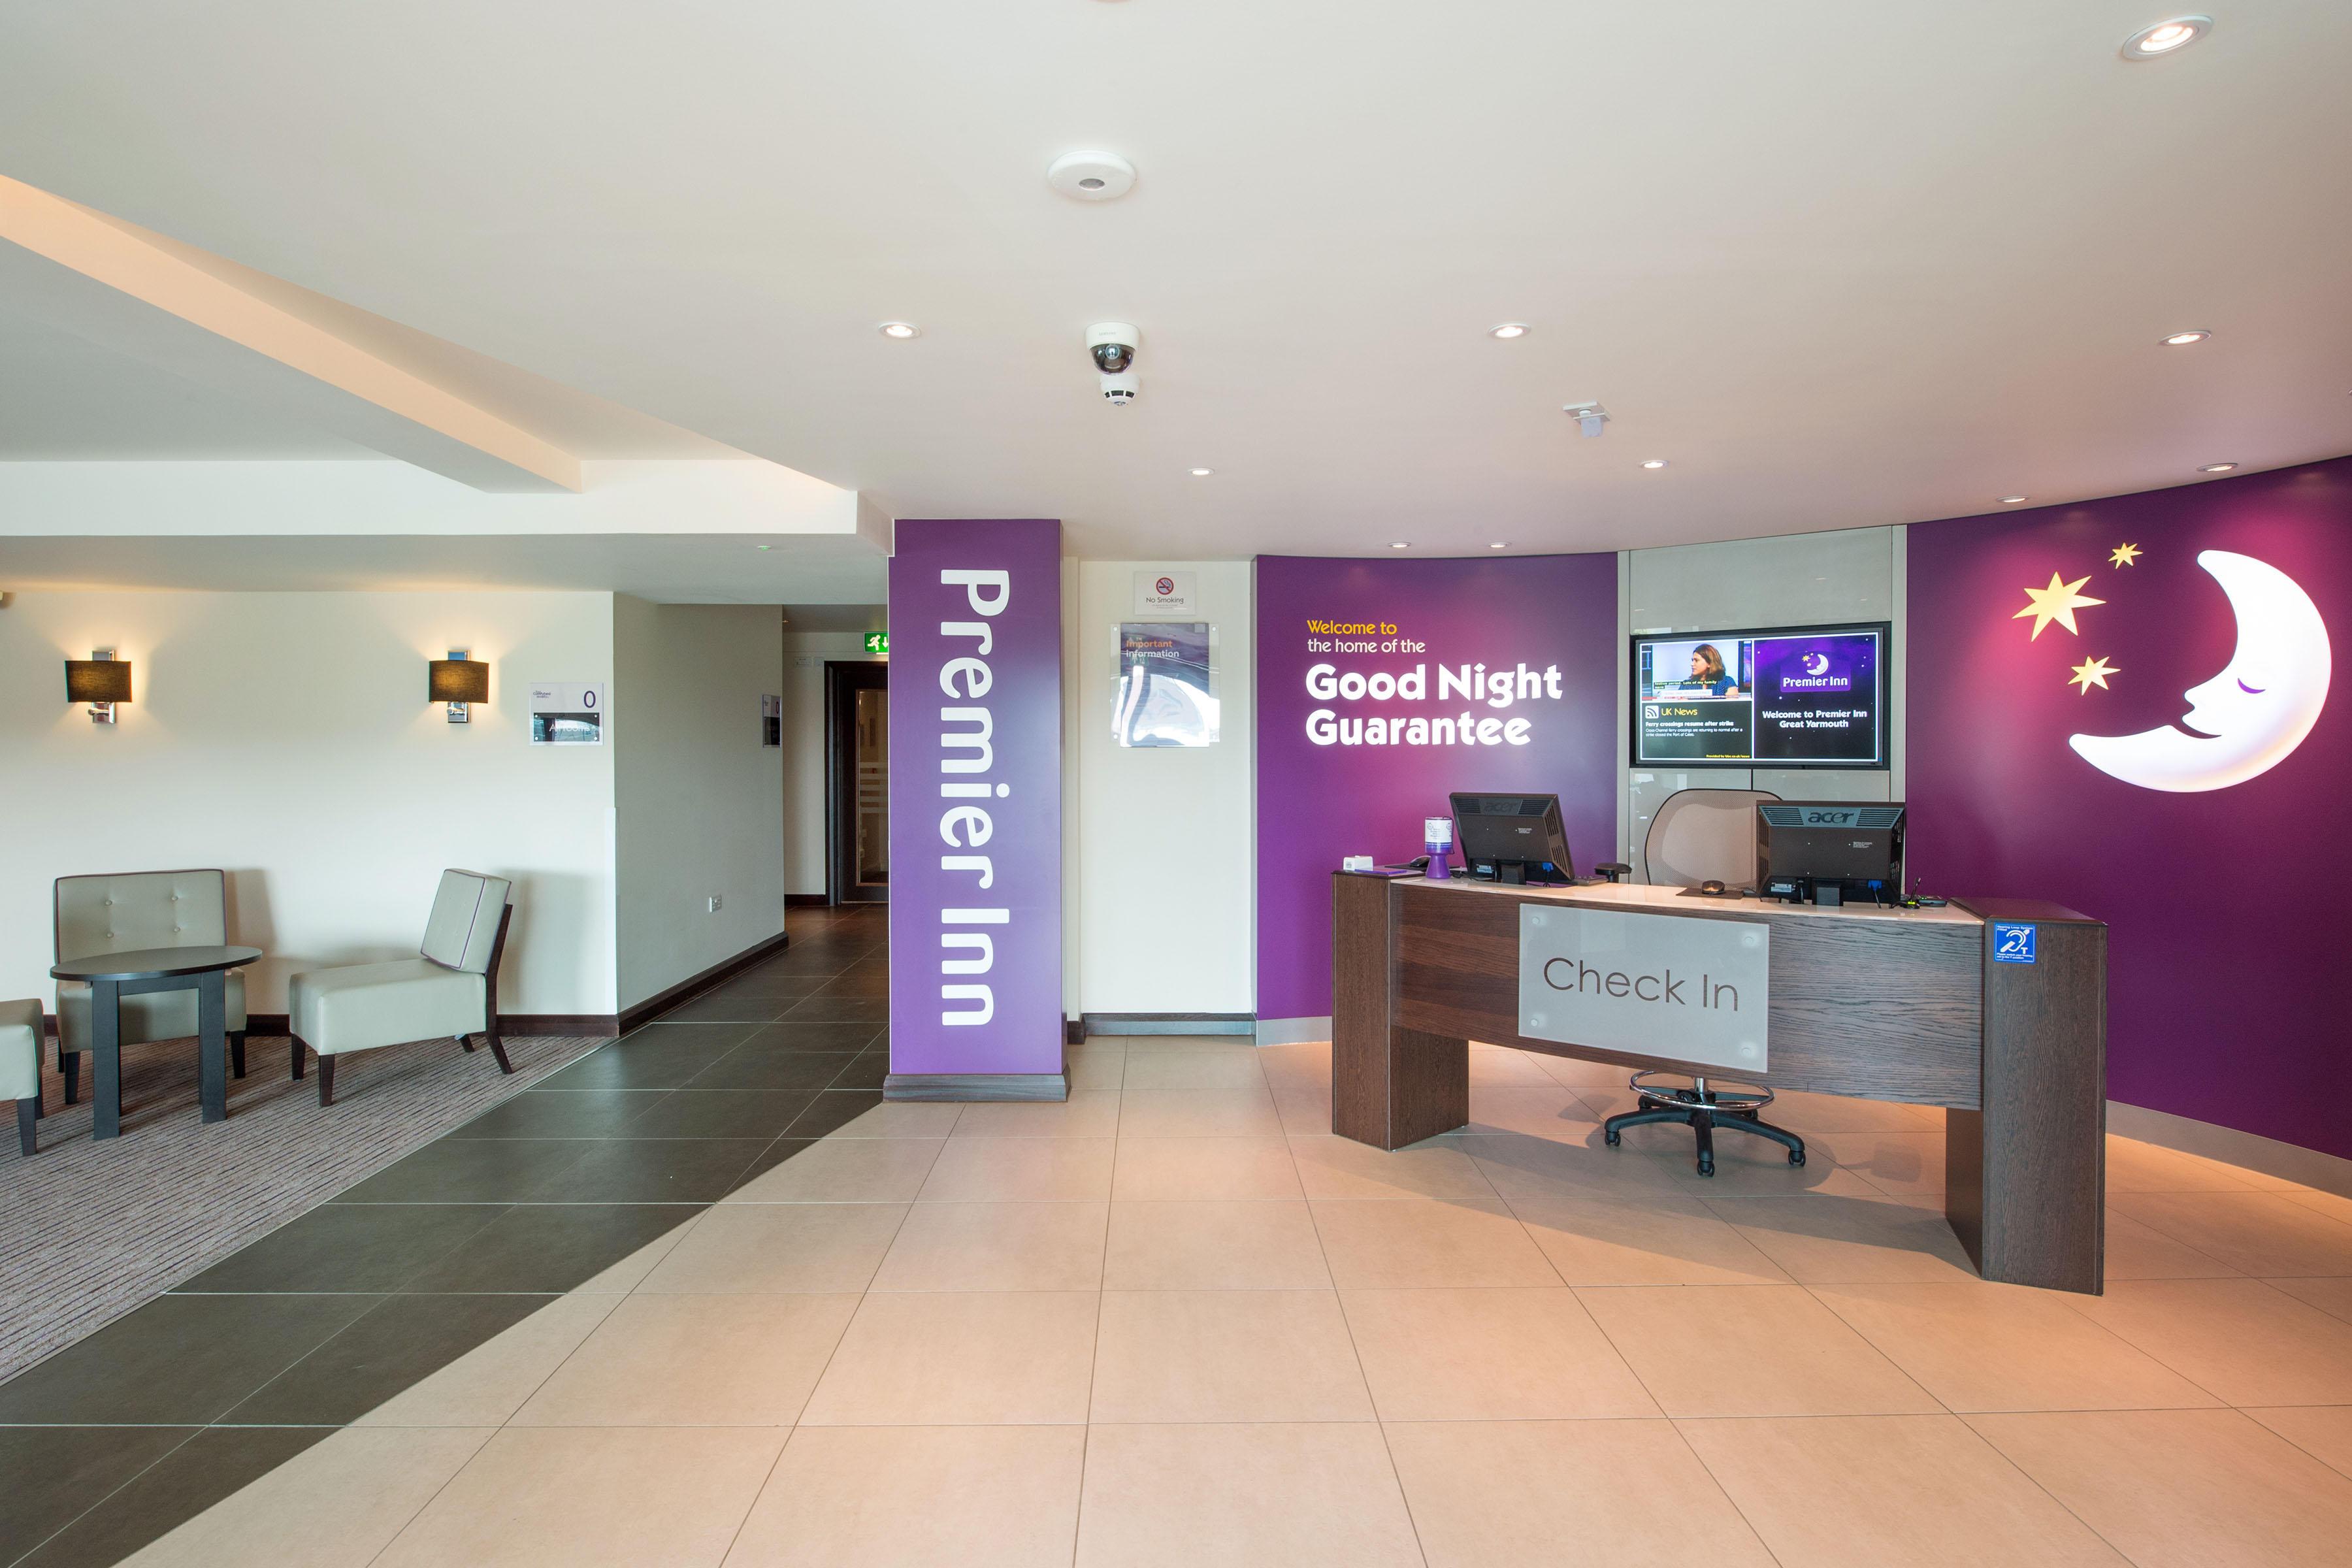 Premier Inn Great Yarmouth West (A47) hotel